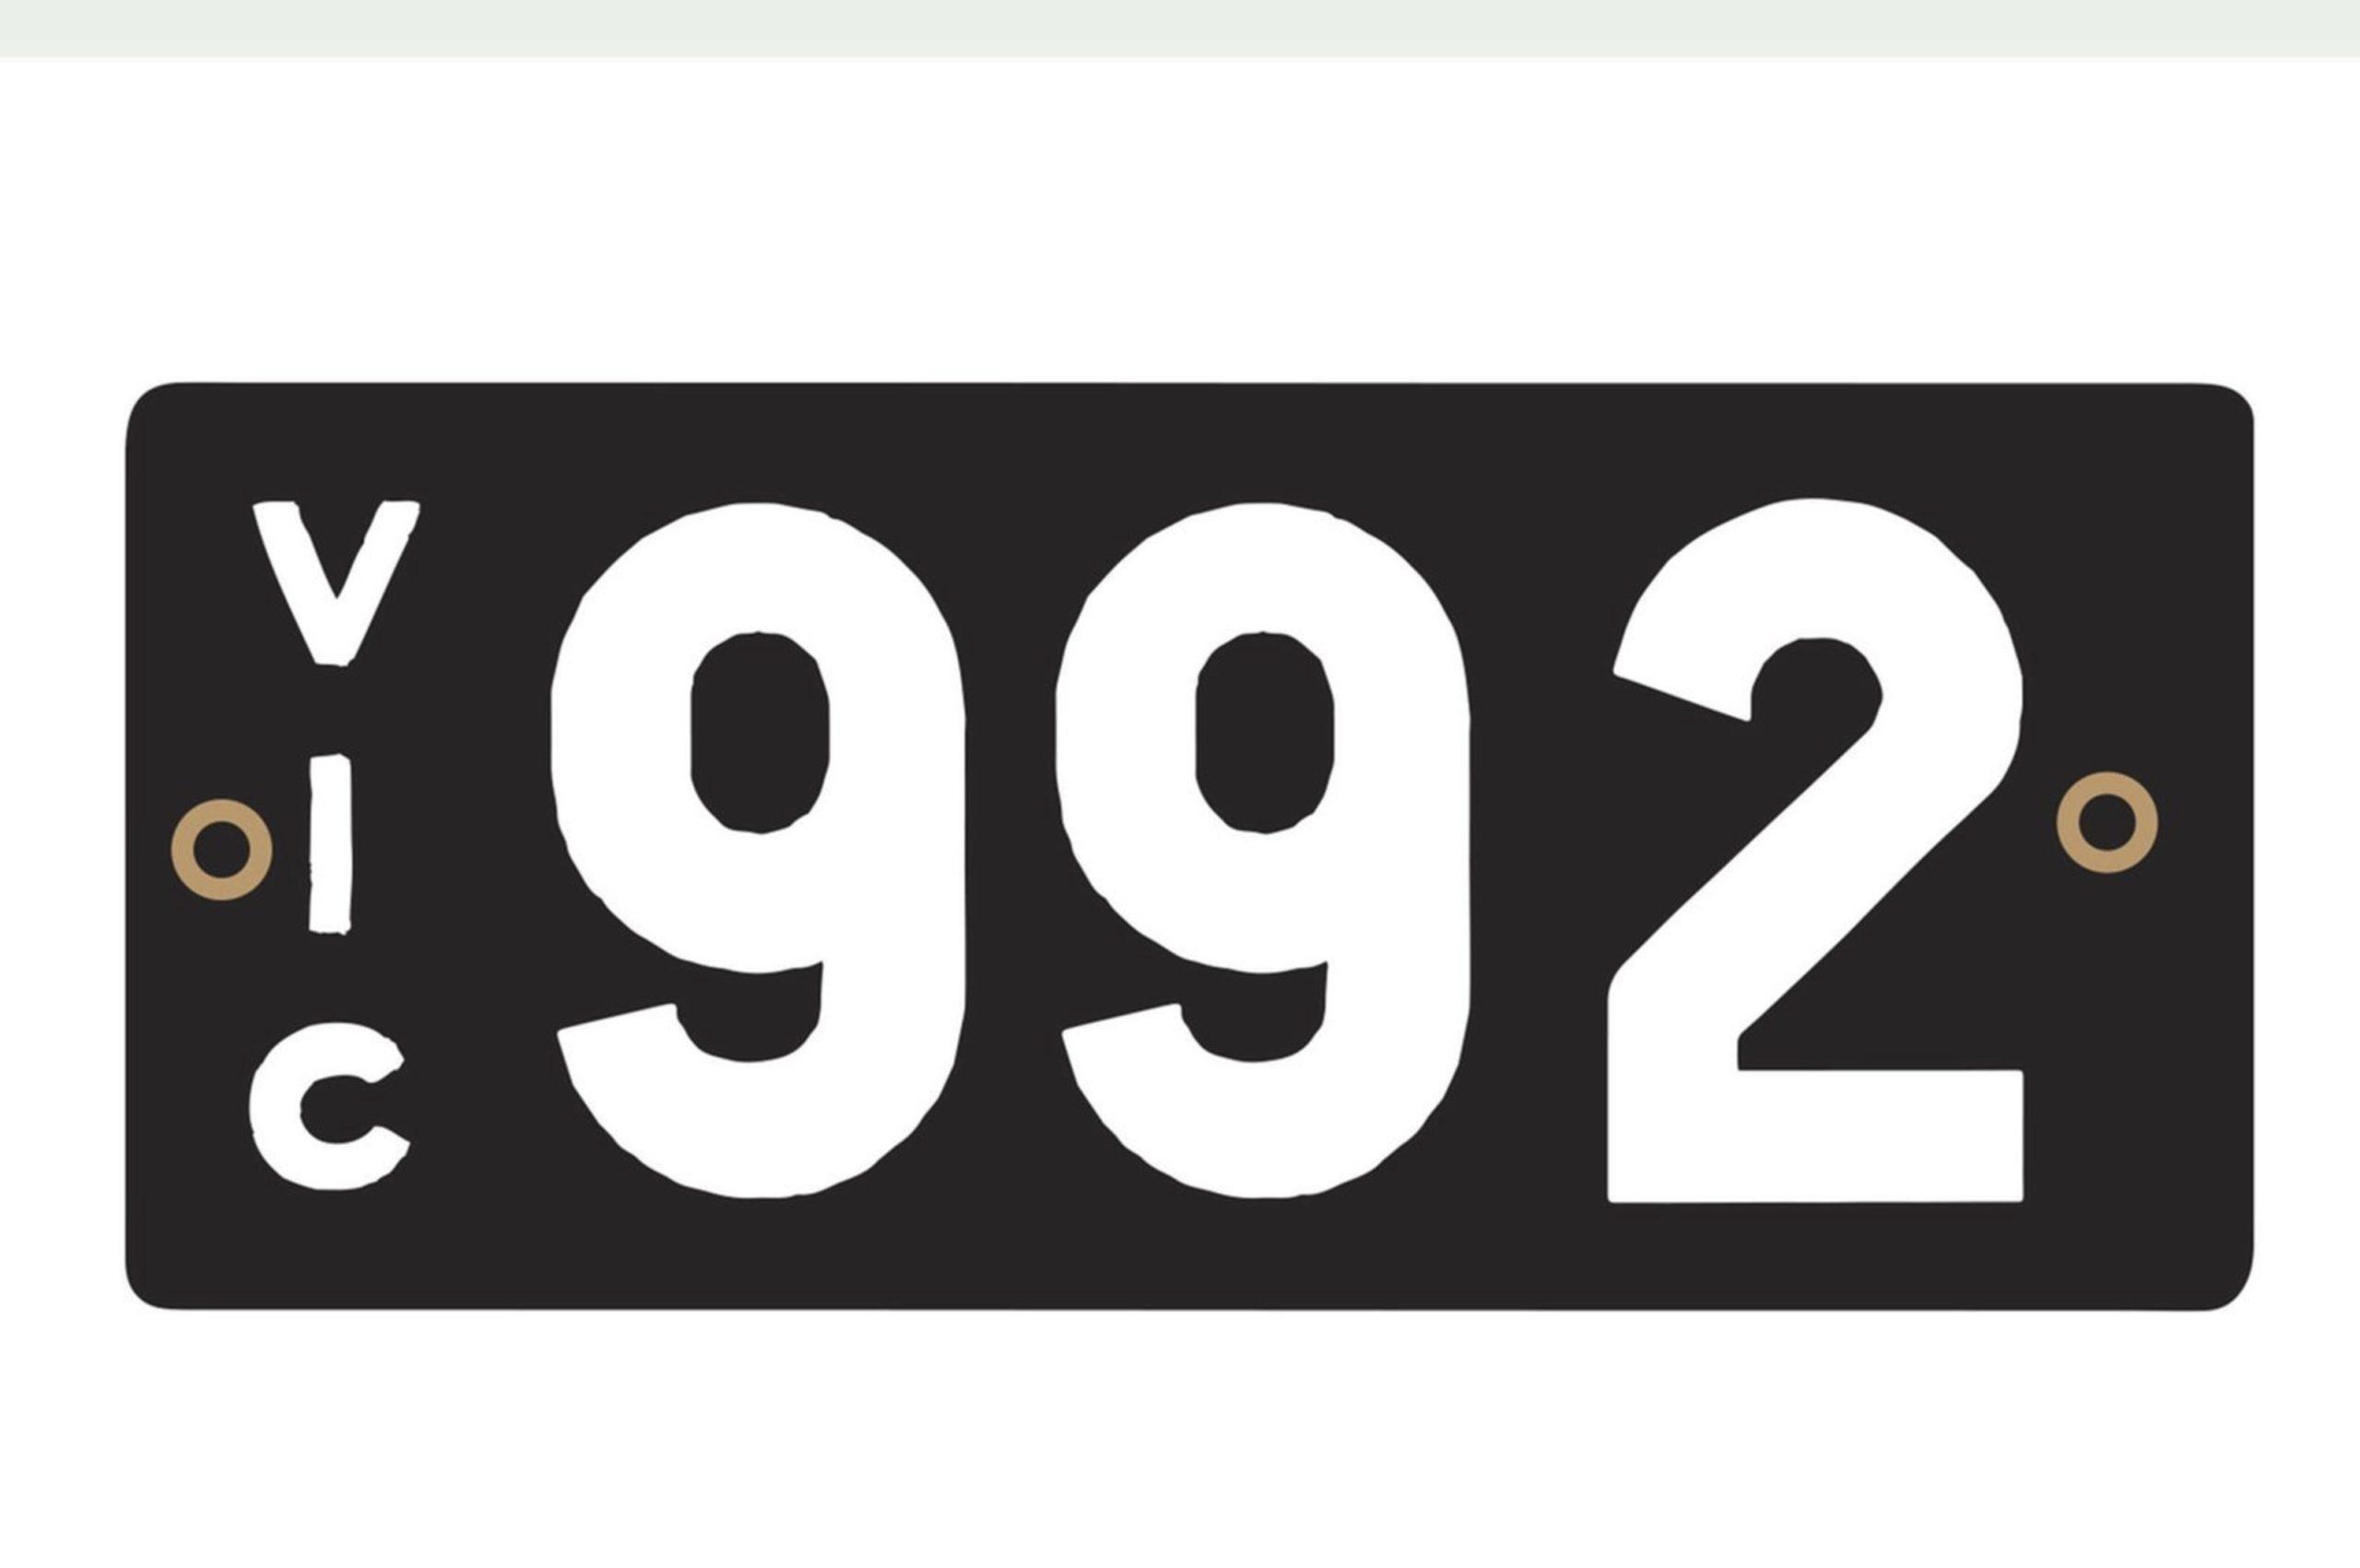 Plaque 992 pour un amateur de Porsche - VIC et NSW avril 2021.